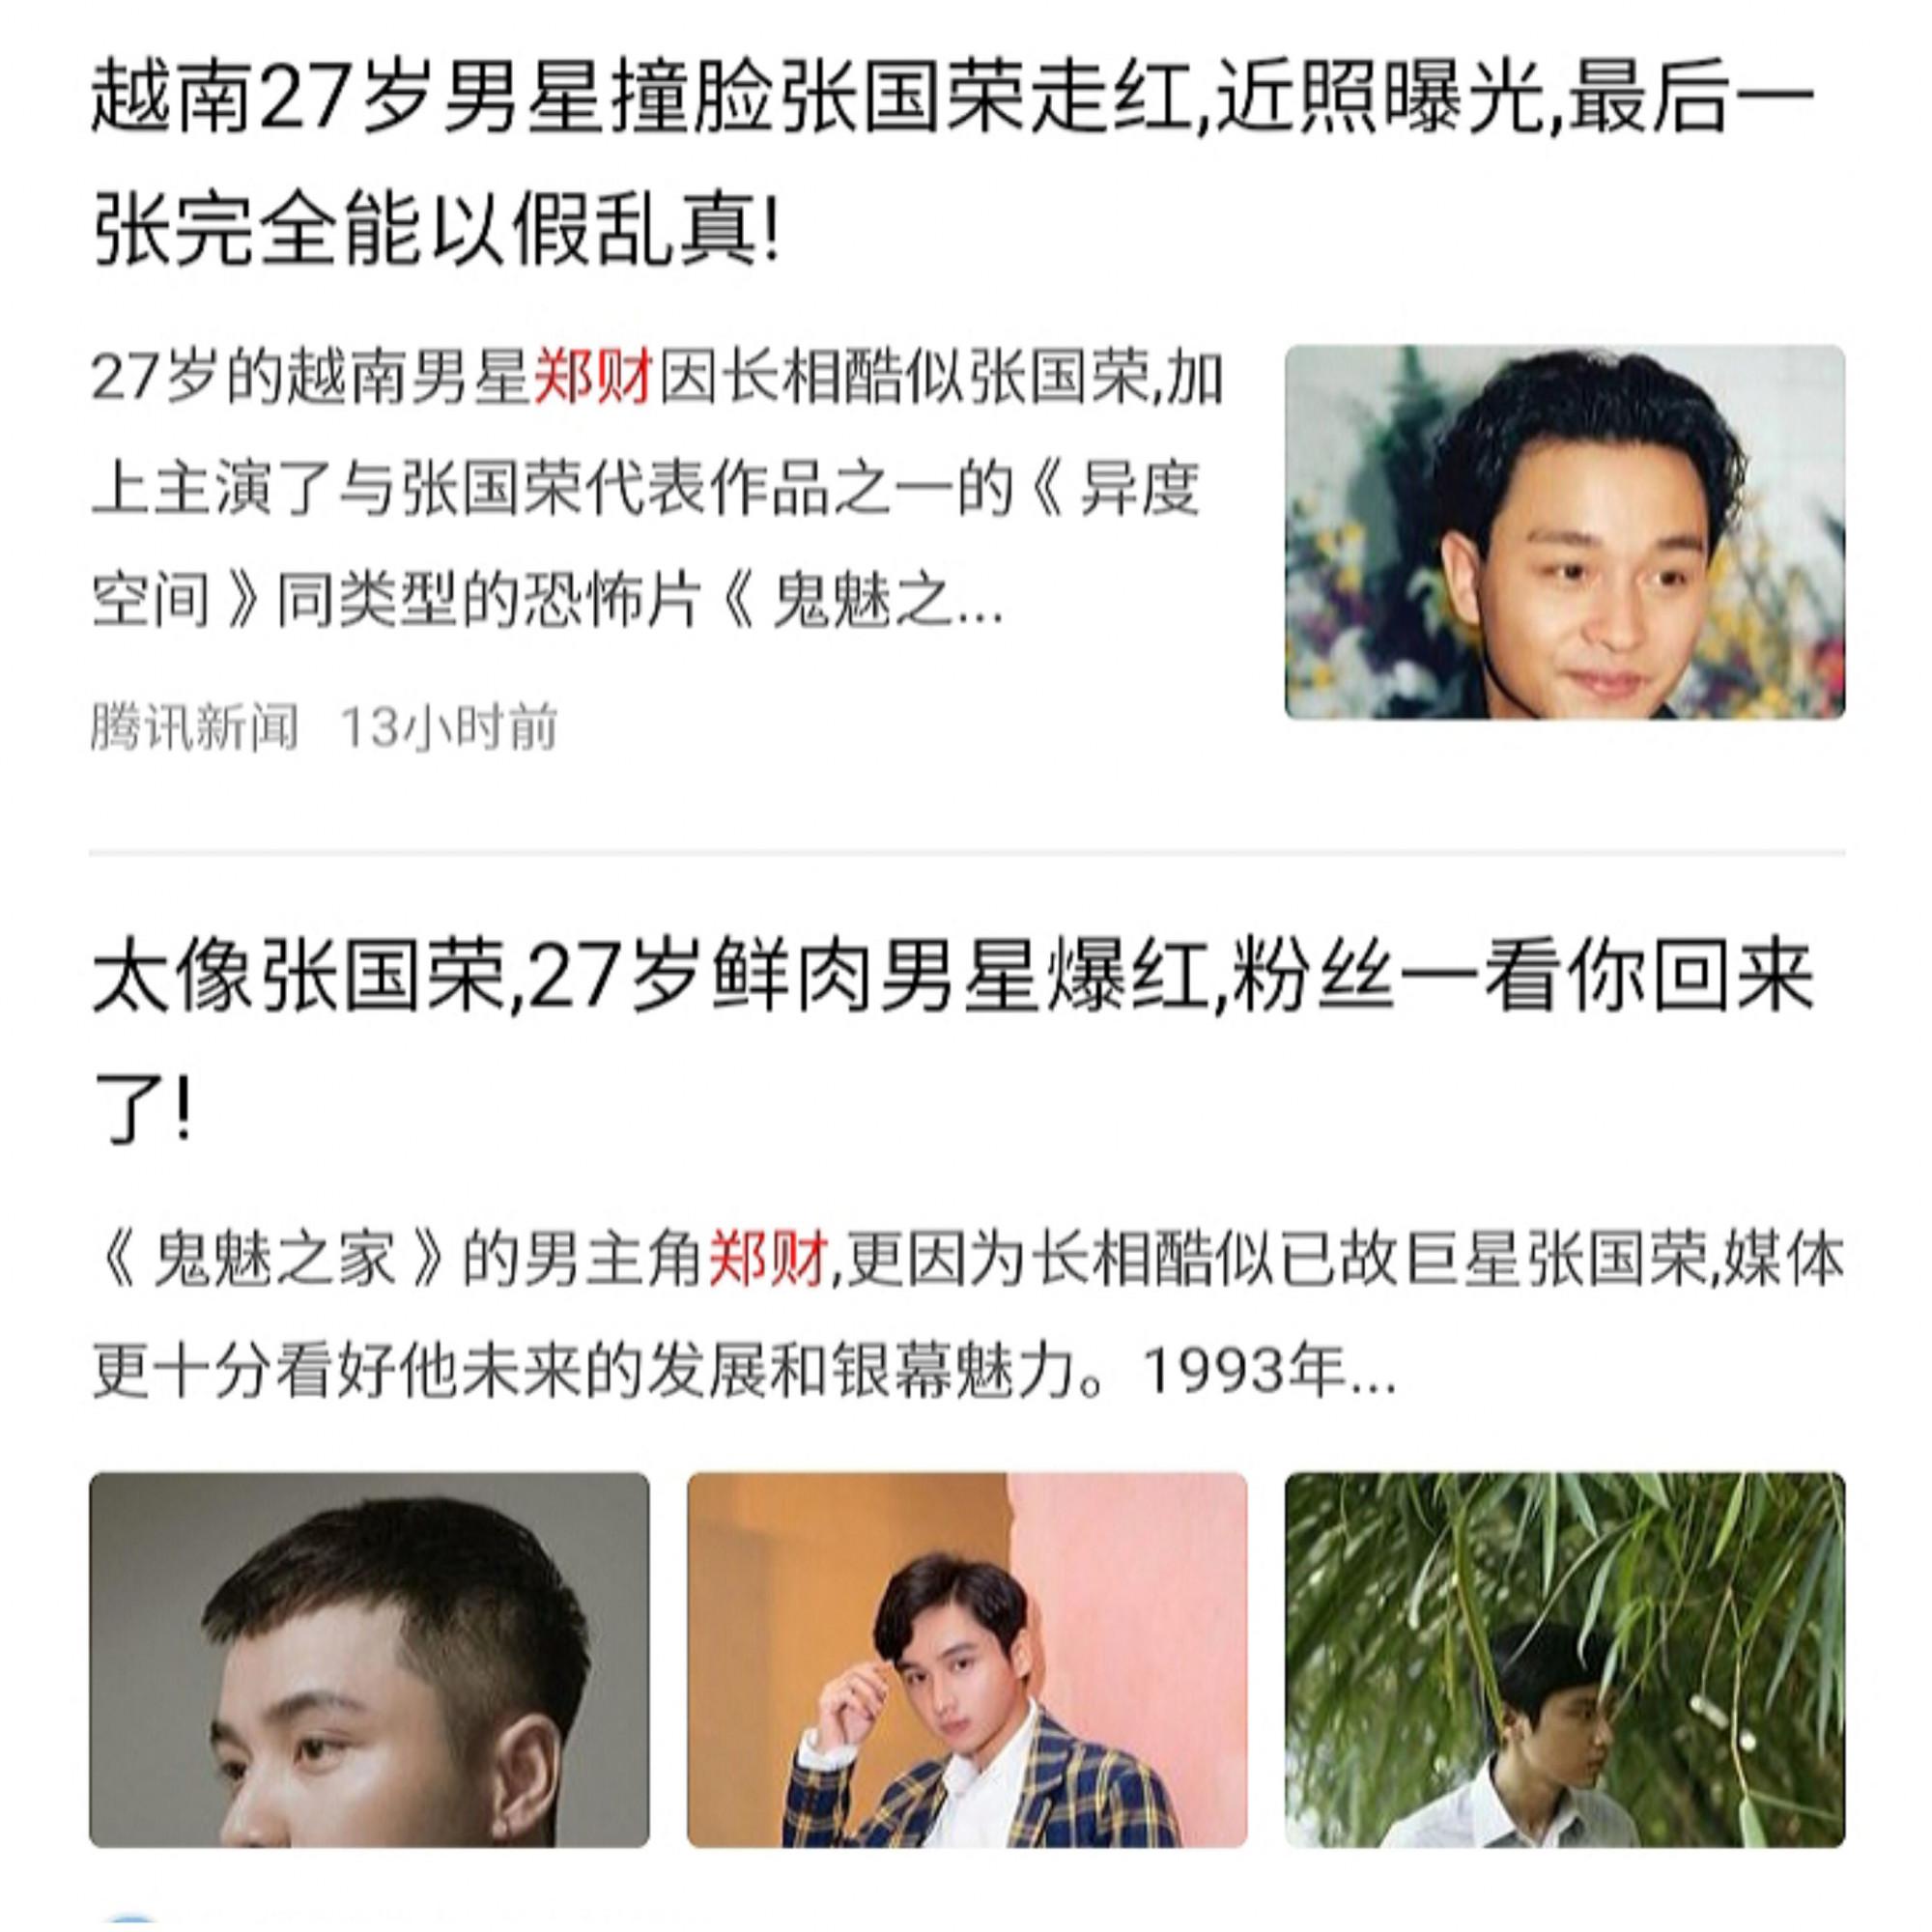 Nhiều bài viết về Trịnh Tài trên công thông tin điện tử phổ biến nhất Trung Quốc - Baidu.